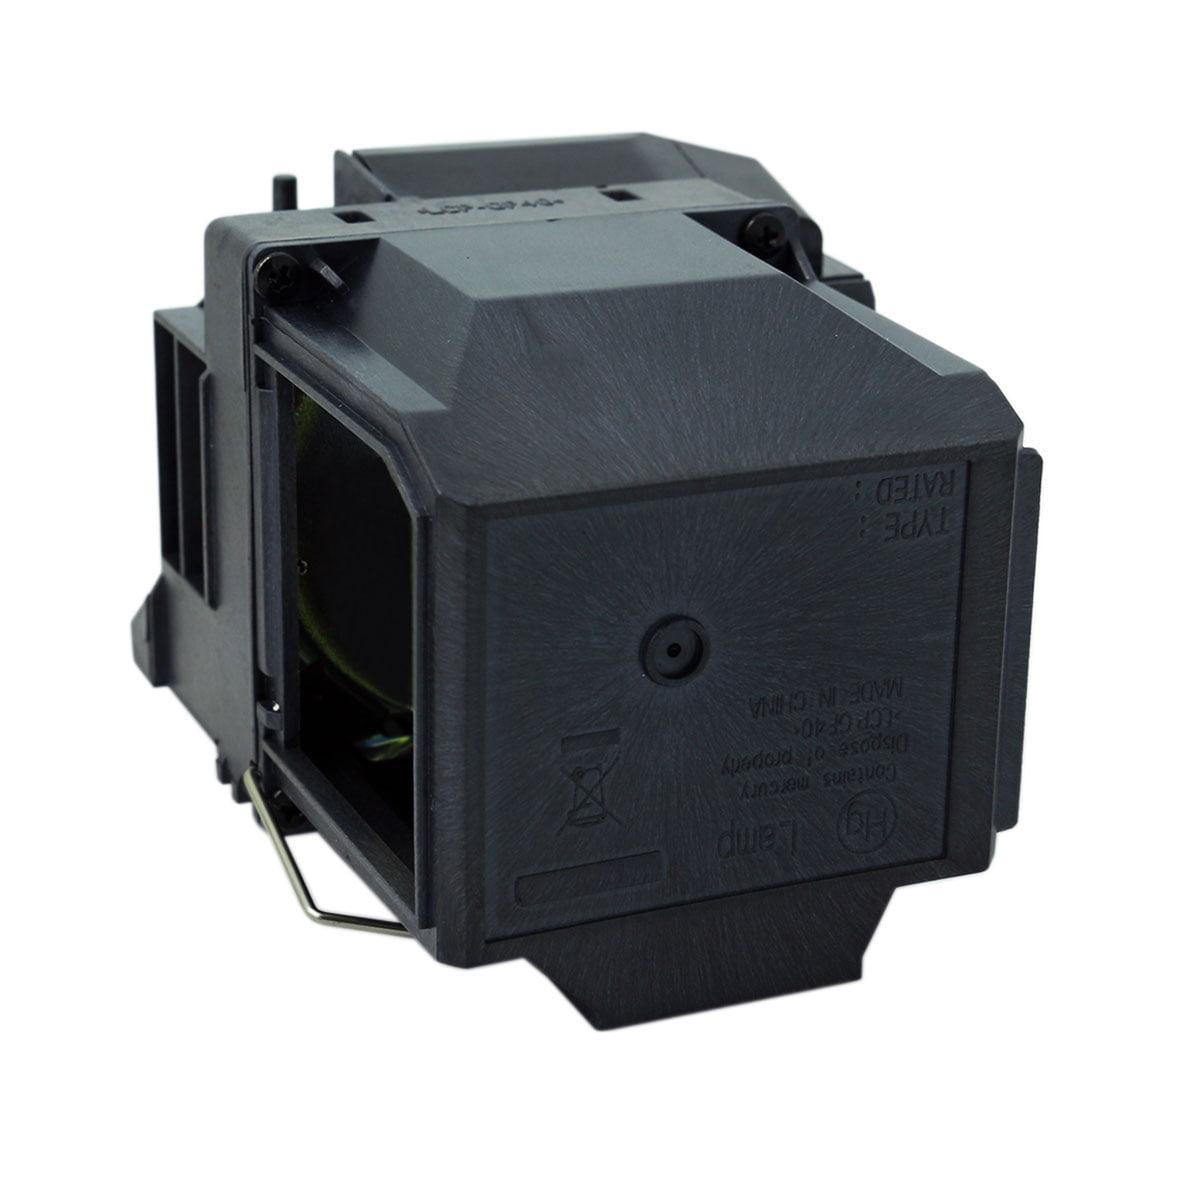 Lutema Economy pour Epson Home Cinema 3100 lampe de projecteur avec bo�tier - image 3 de 5